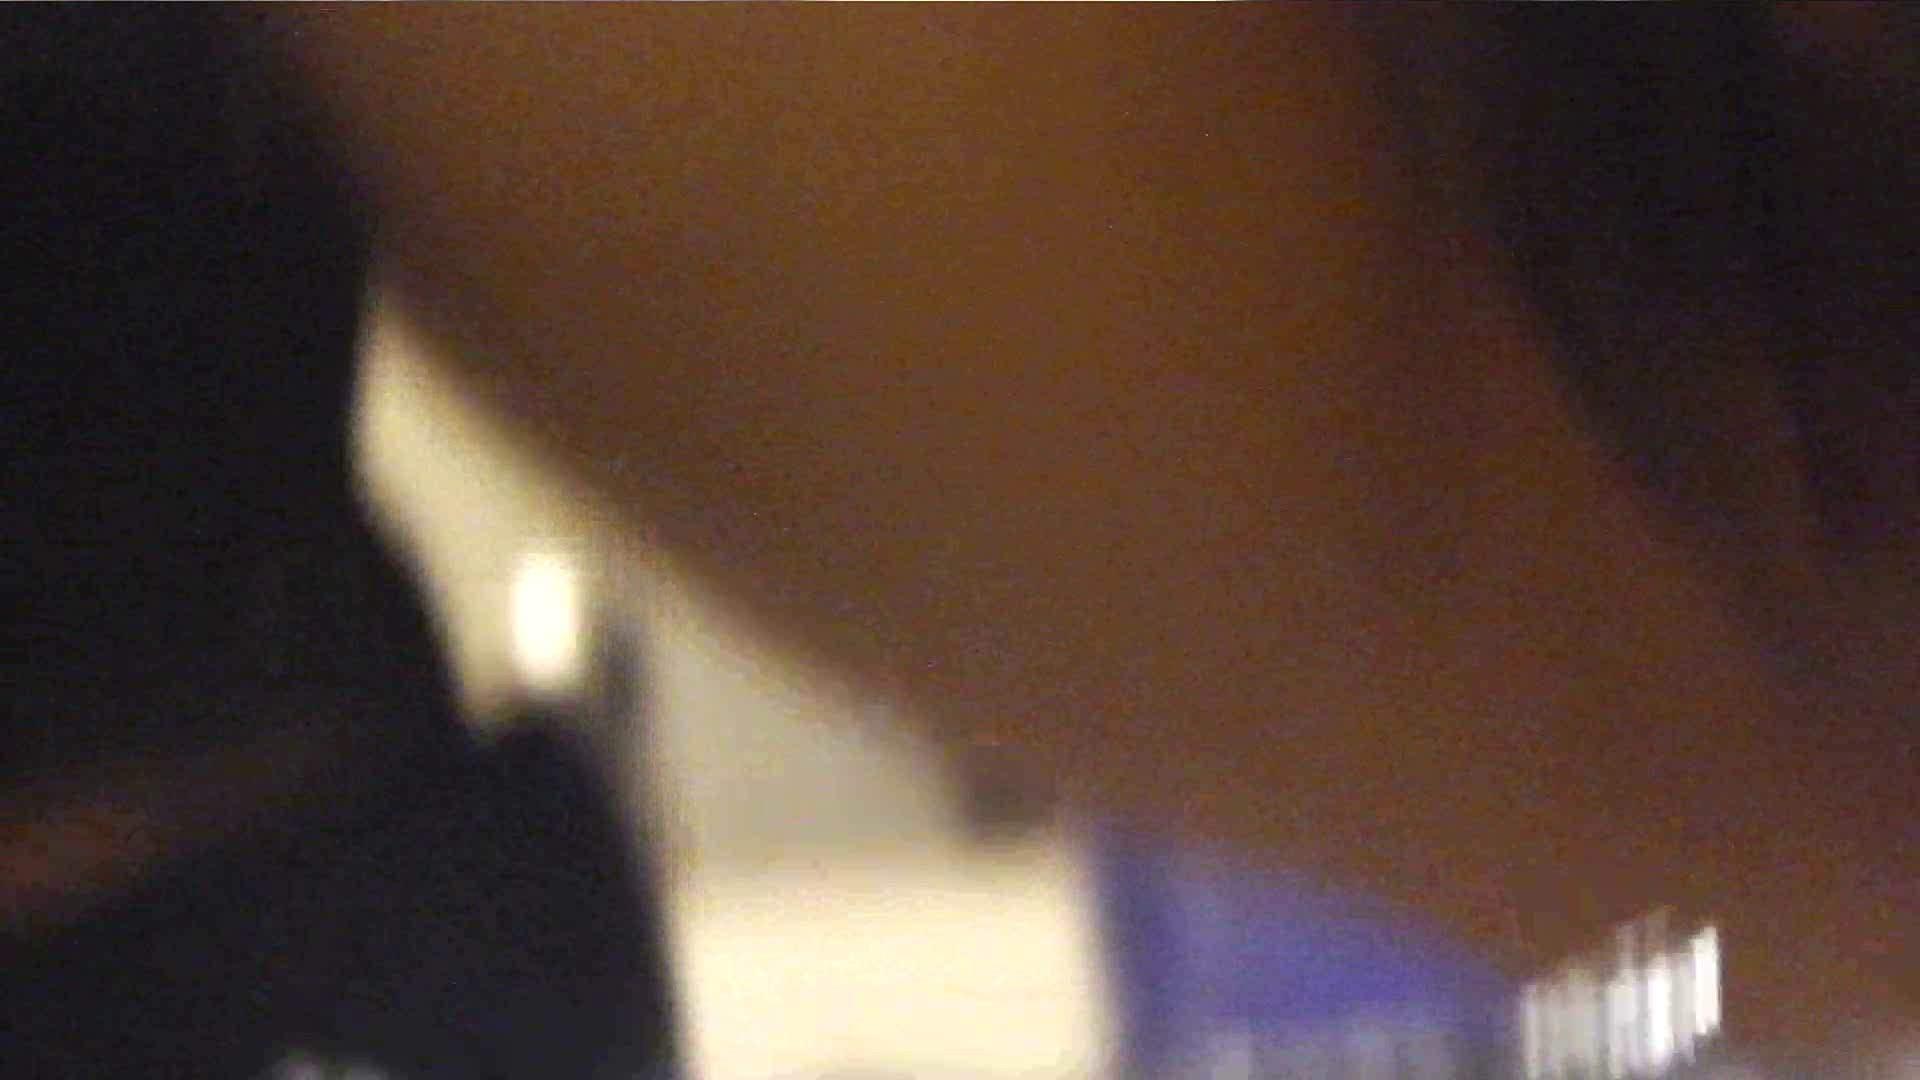 阿国ちゃんの「和式洋式七変化」No.6 お姉さん攻略   ギャル攻め  70画像 61